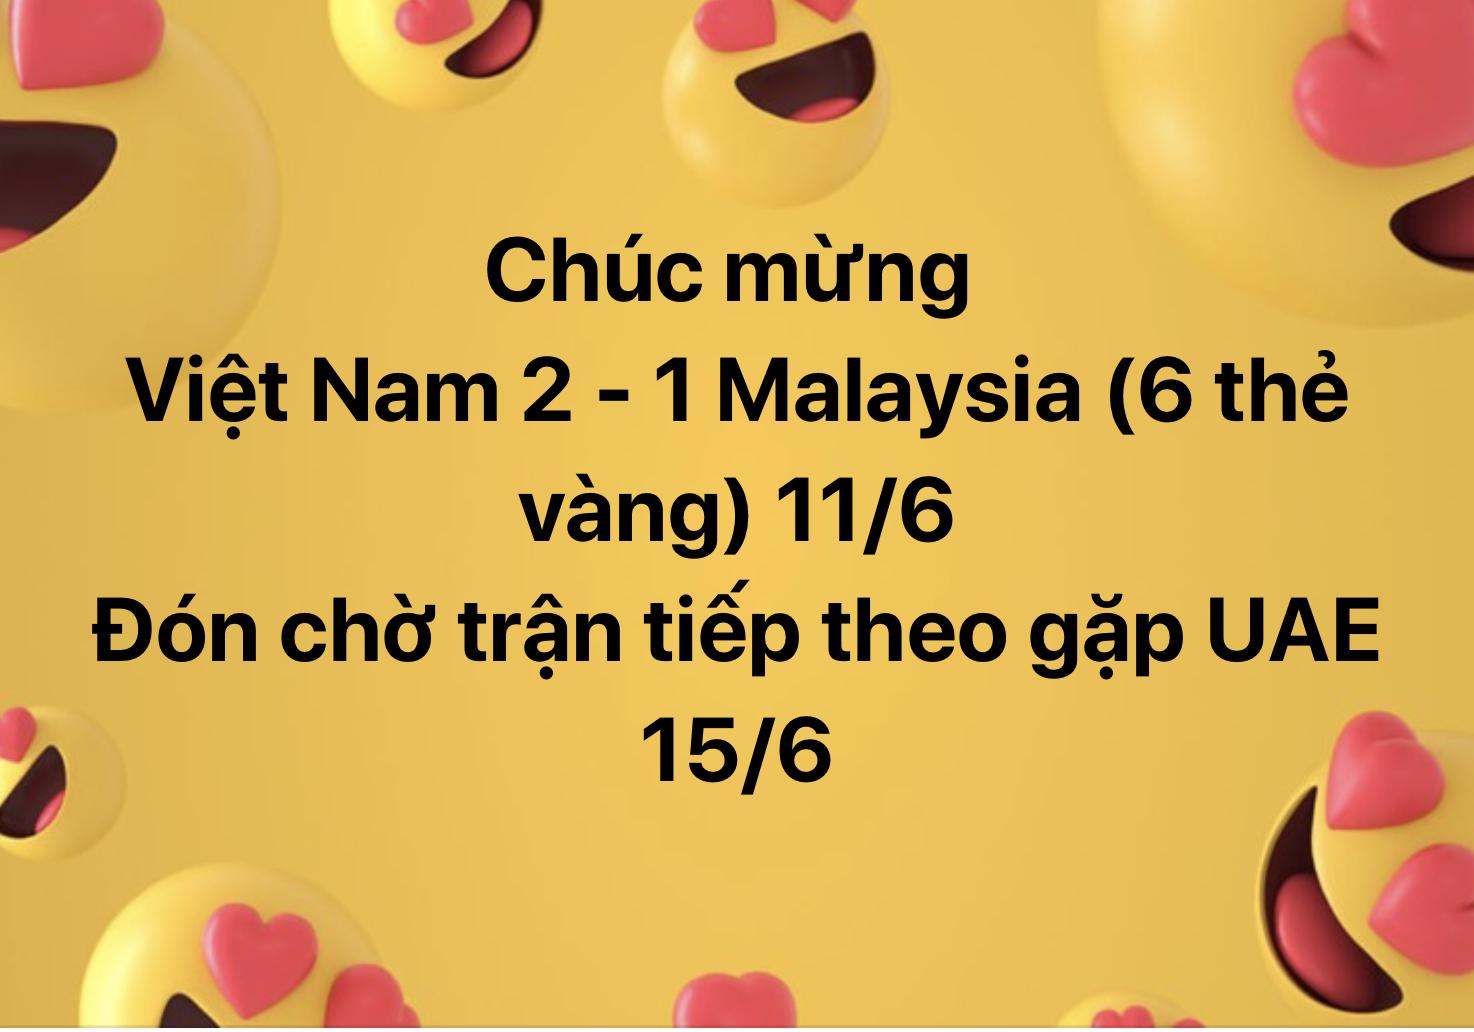 Chúc mừng Việt Nam nhưng cũng không quên chia buồn với đội bạn rằng đã thua còn nhận cơn mưa thẻ vàng.